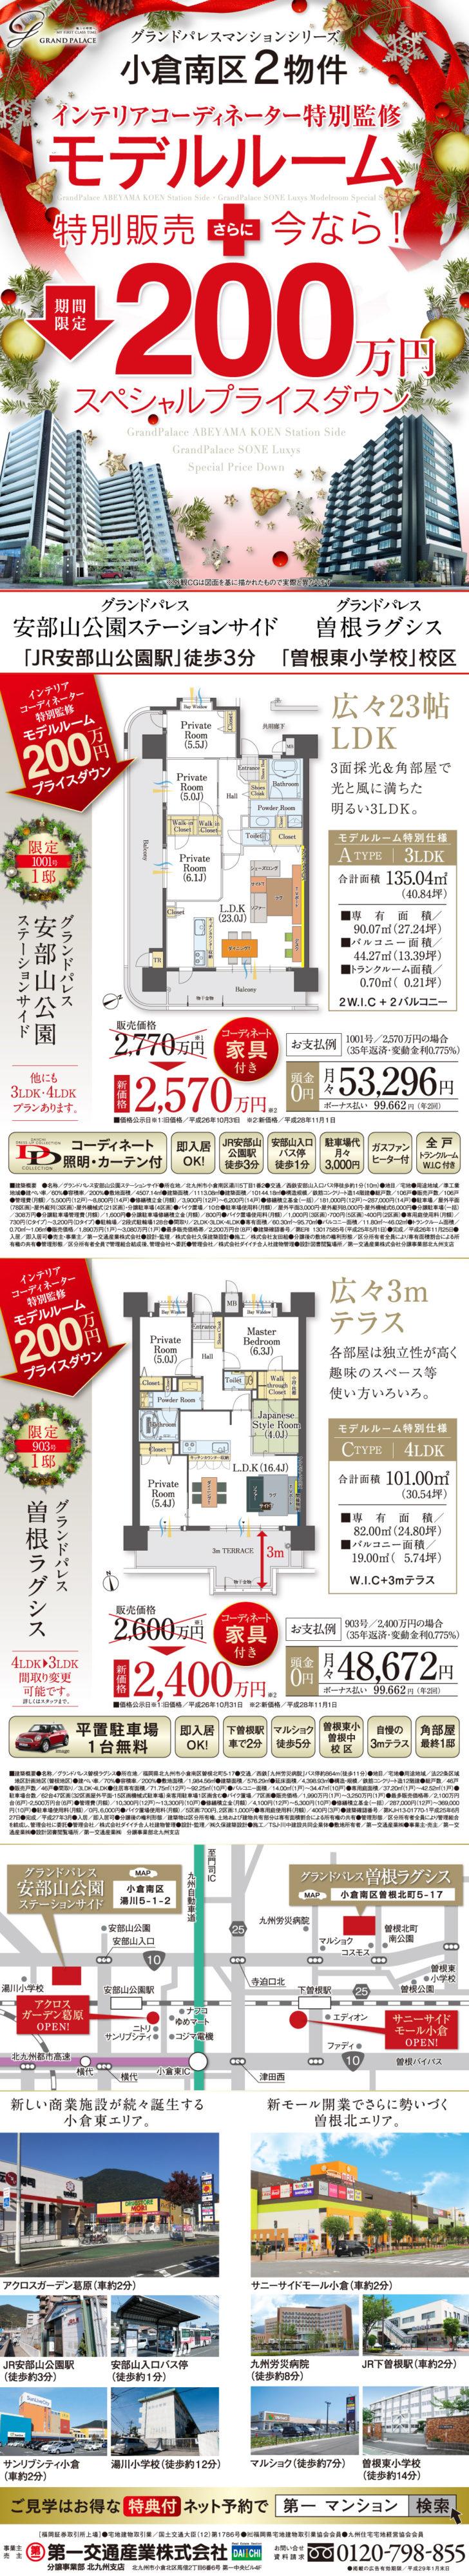 161130sone_abe_price_sp-jpg